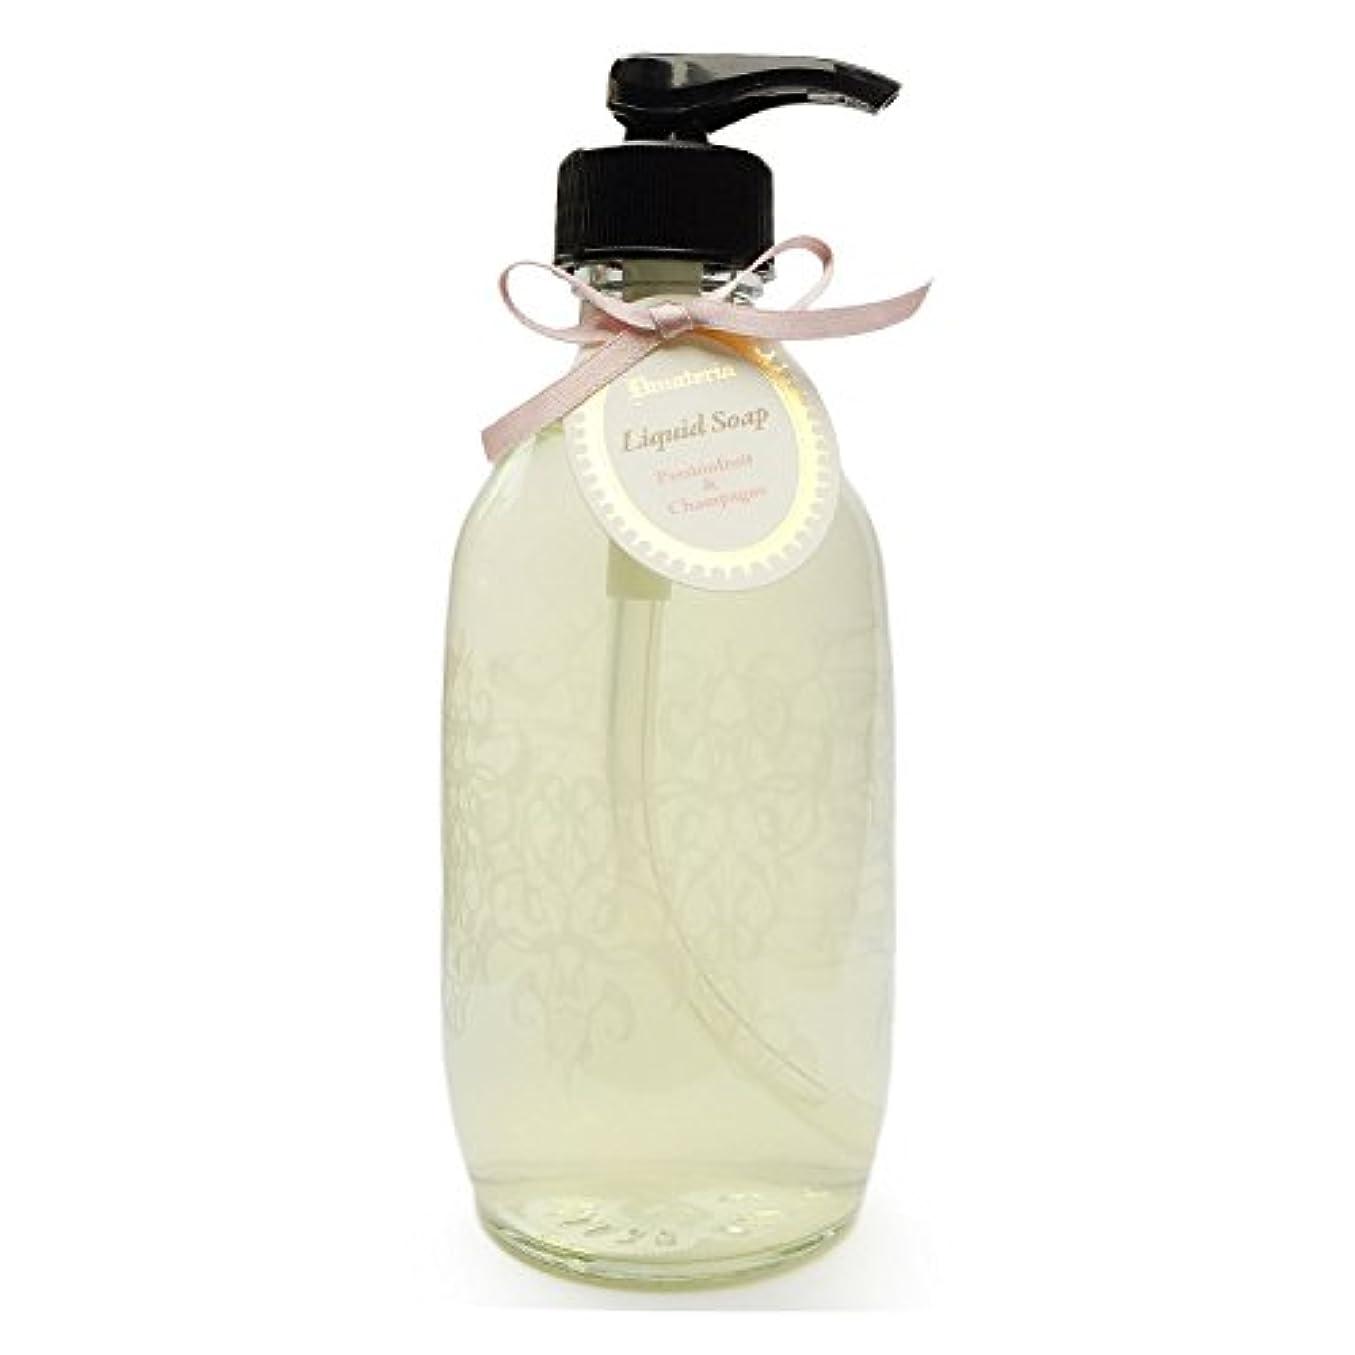 絶えず登場休憩D materia リキッドソープ パッションフルーツ&シャンパン Passionfruit&Champagne Liquid Soap ディーマテリア